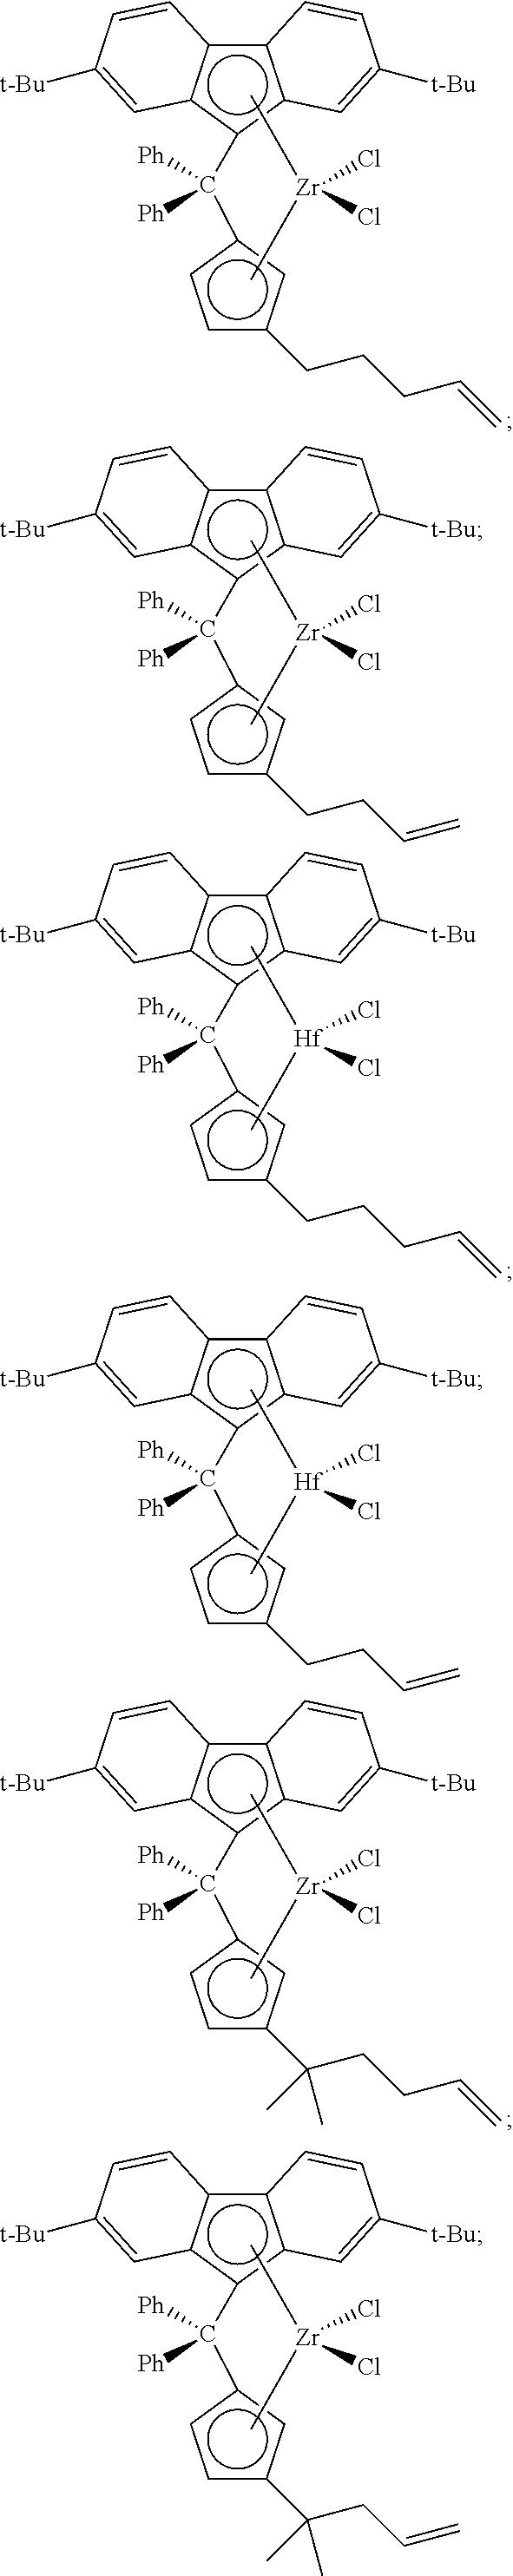 Figure US20110092357A1-20110421-C00001